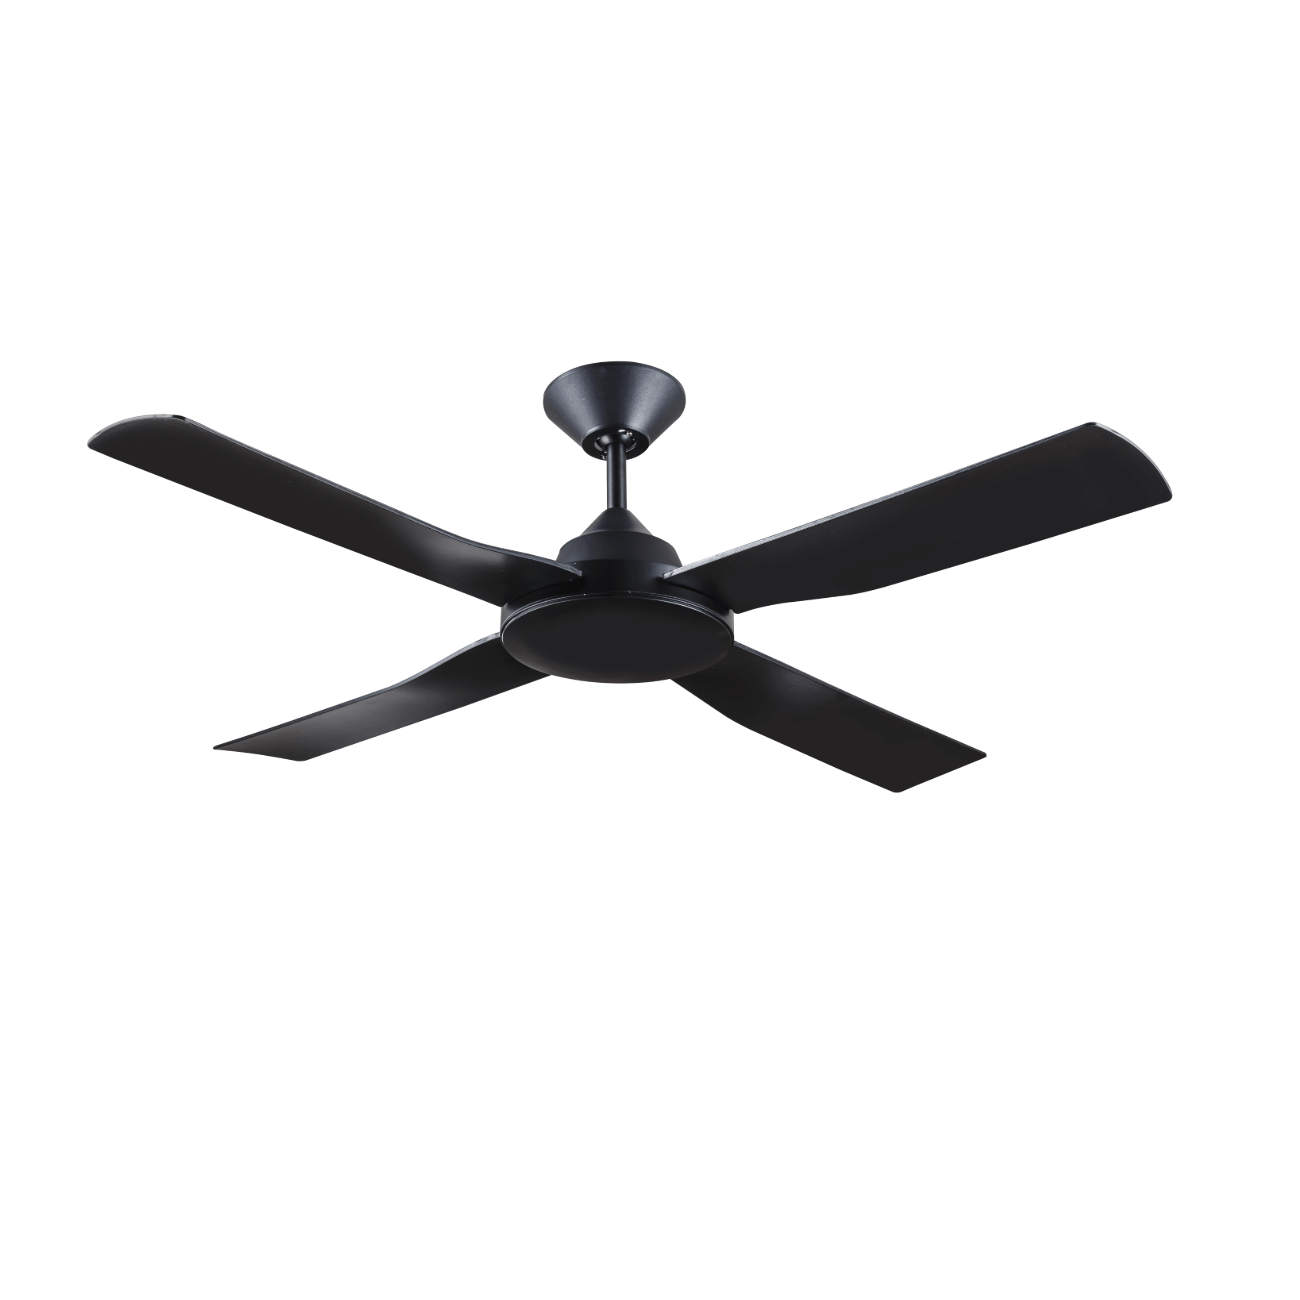 Stropný ventilátor Lucci Air Banksia 213136